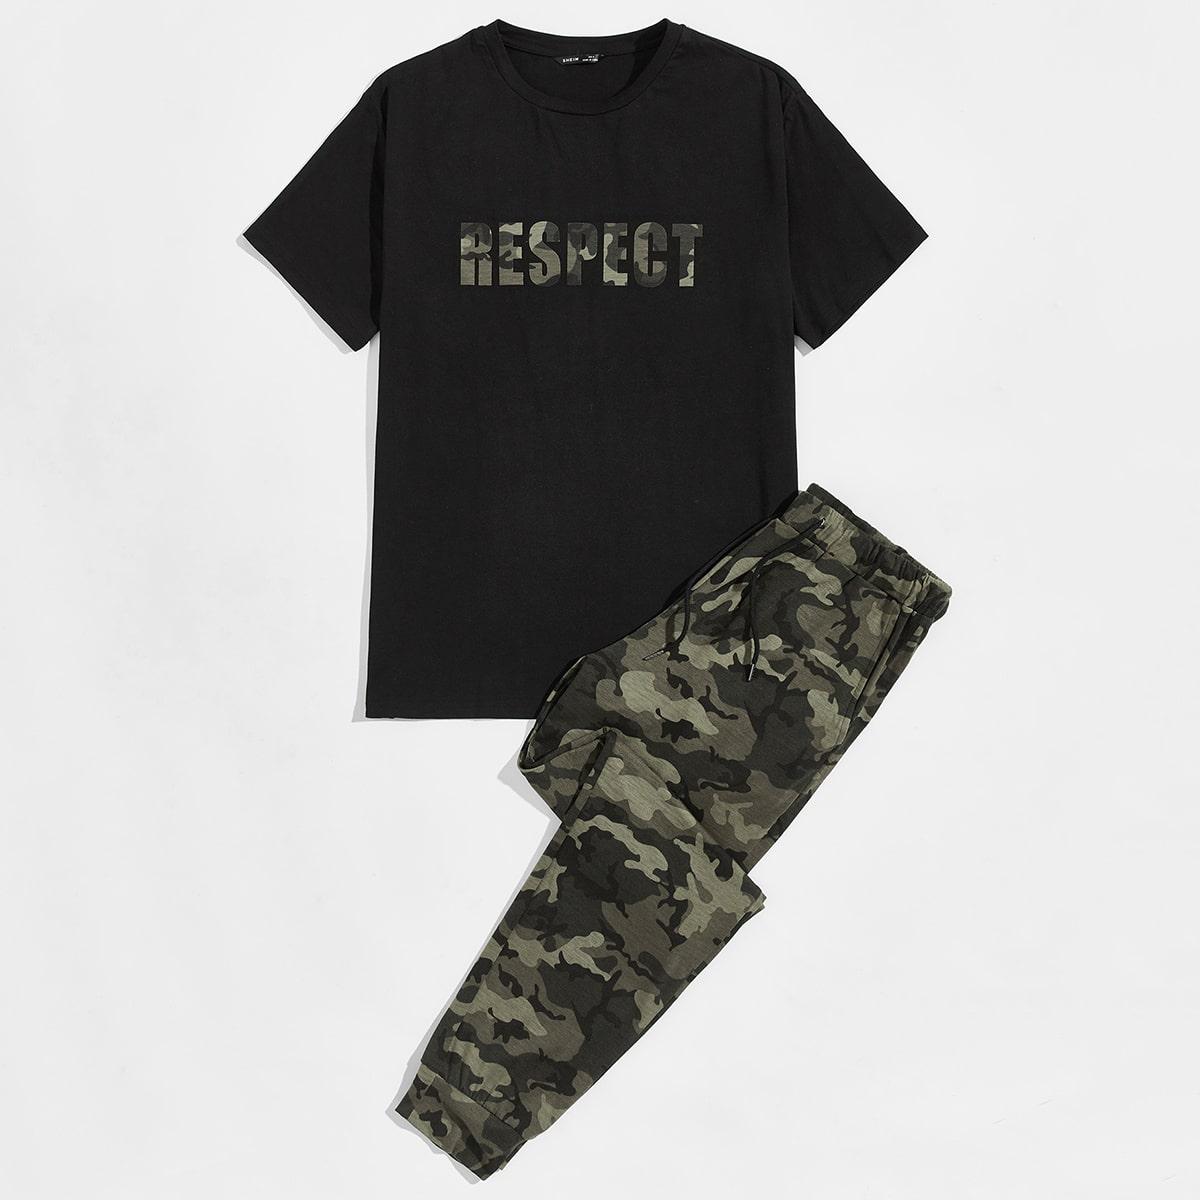 Мужские топ с текстовым принтом и брюки с камуфляжным принтом от SHEIN